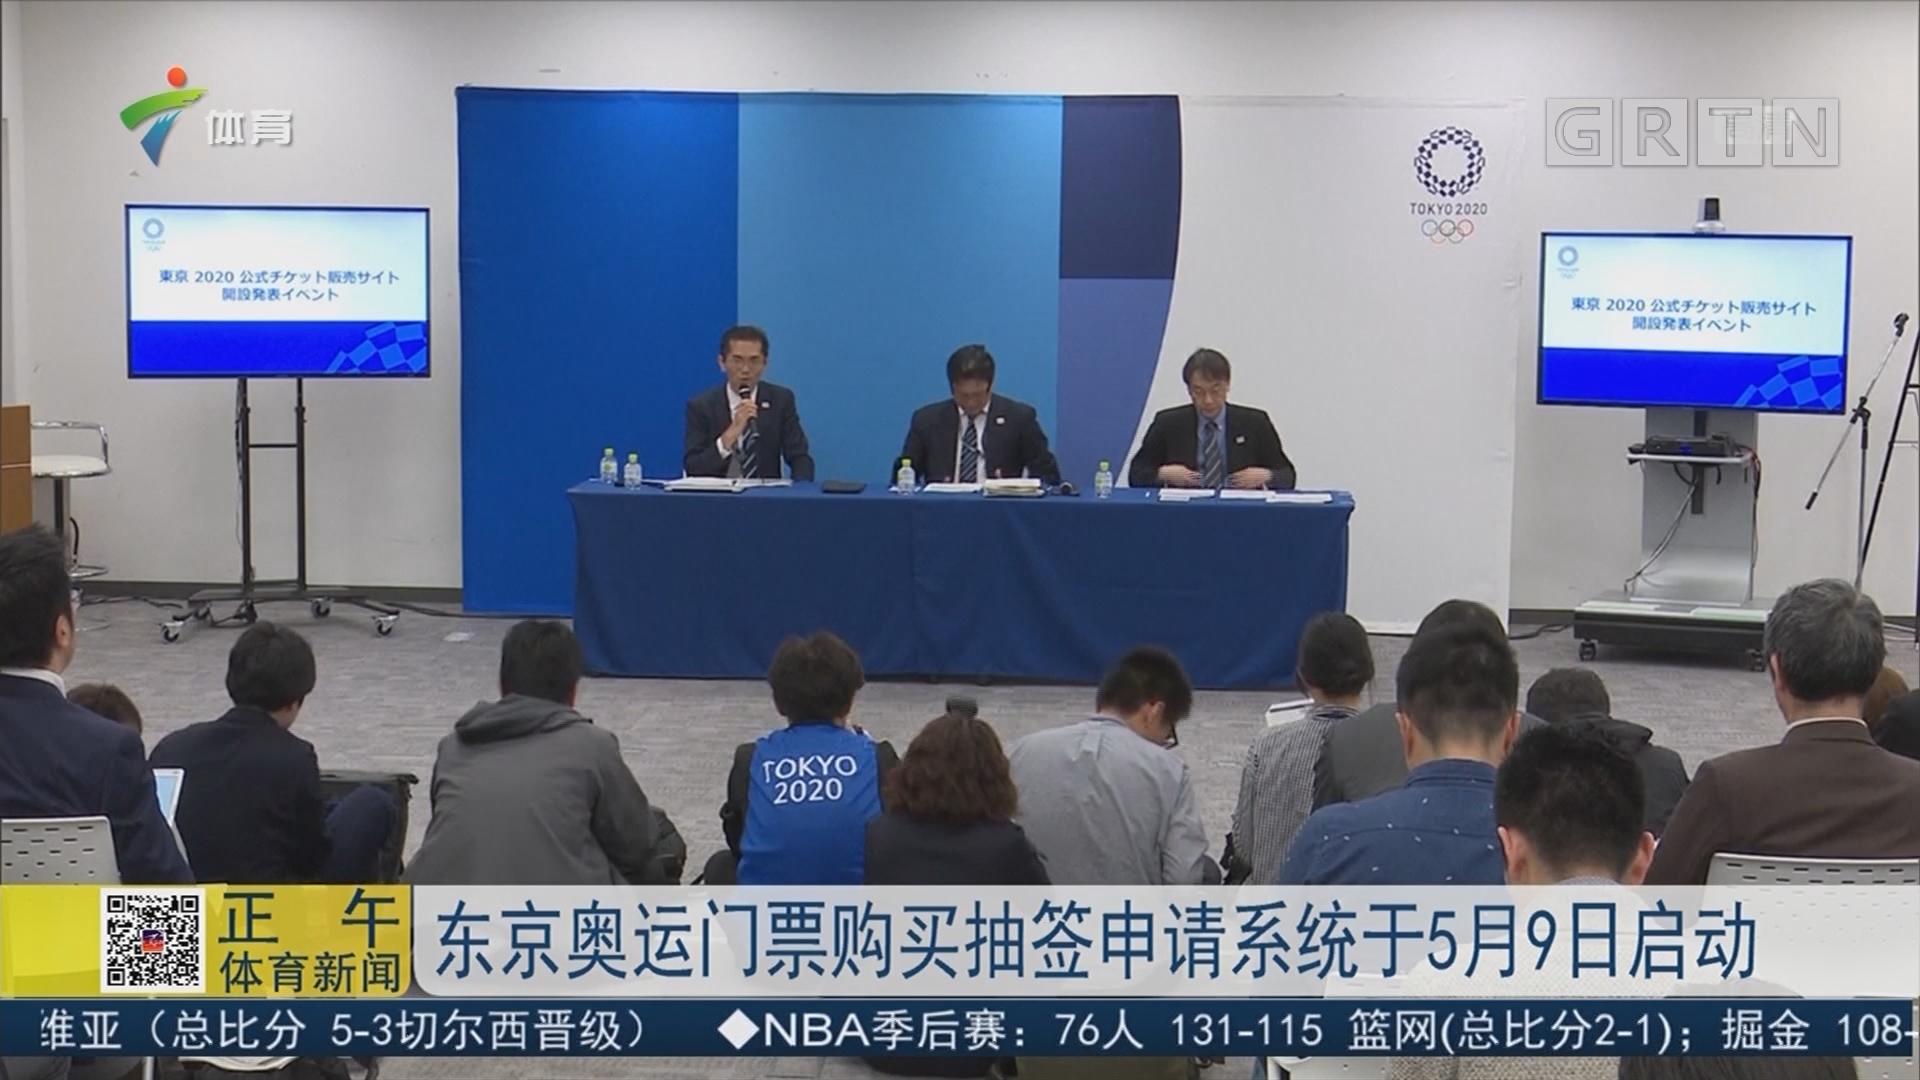 東京奧運門票購買抽簽申請系統于5月9日啟動